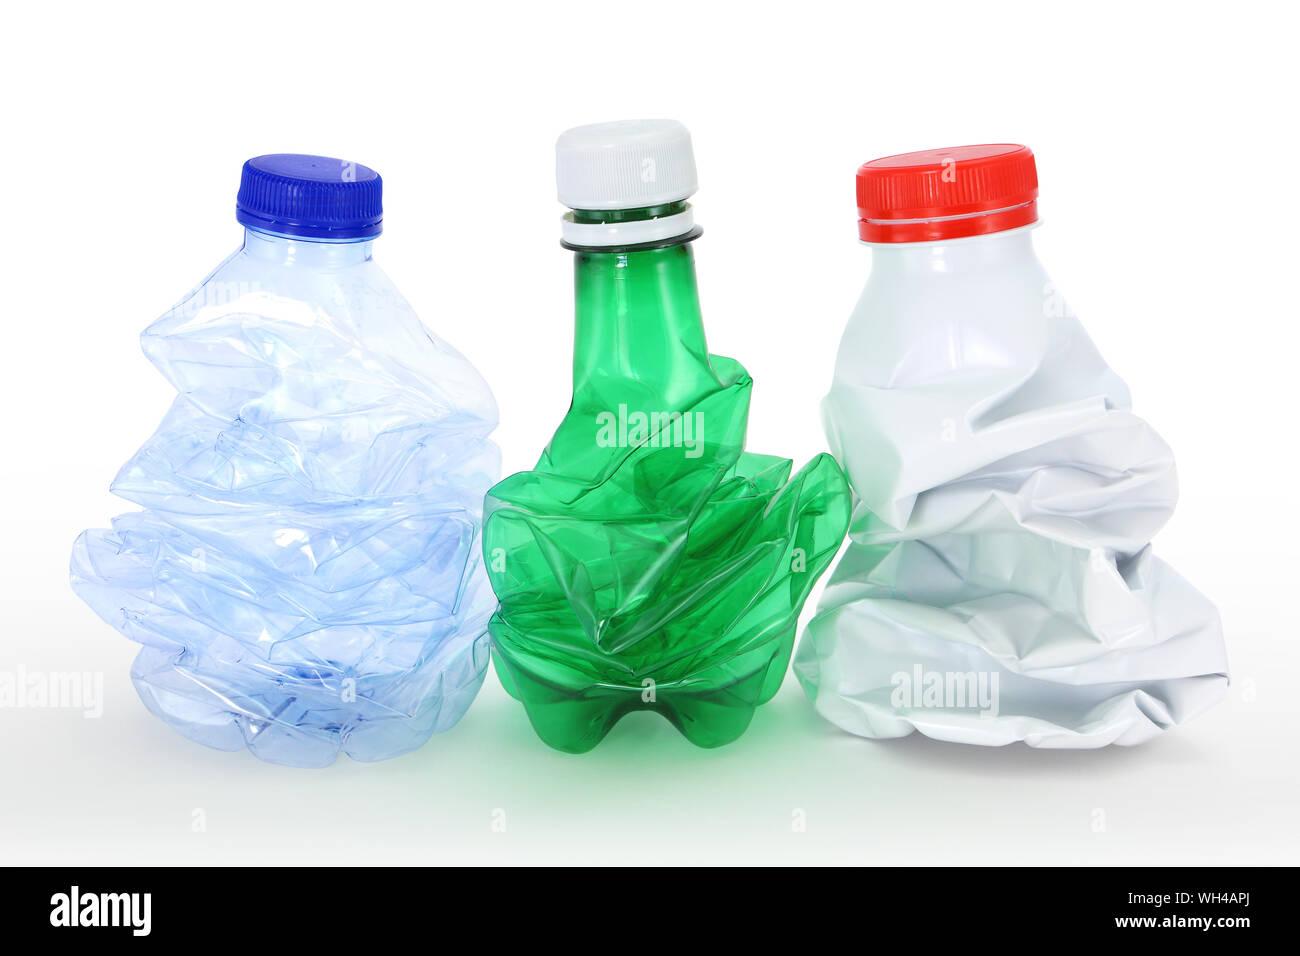 Groupe de bouteilles en plastique lait eau gazeuse eau plate plié froissé pliées froissées compactées compactée consigne pvc consignée écoresponsable Stock Photo